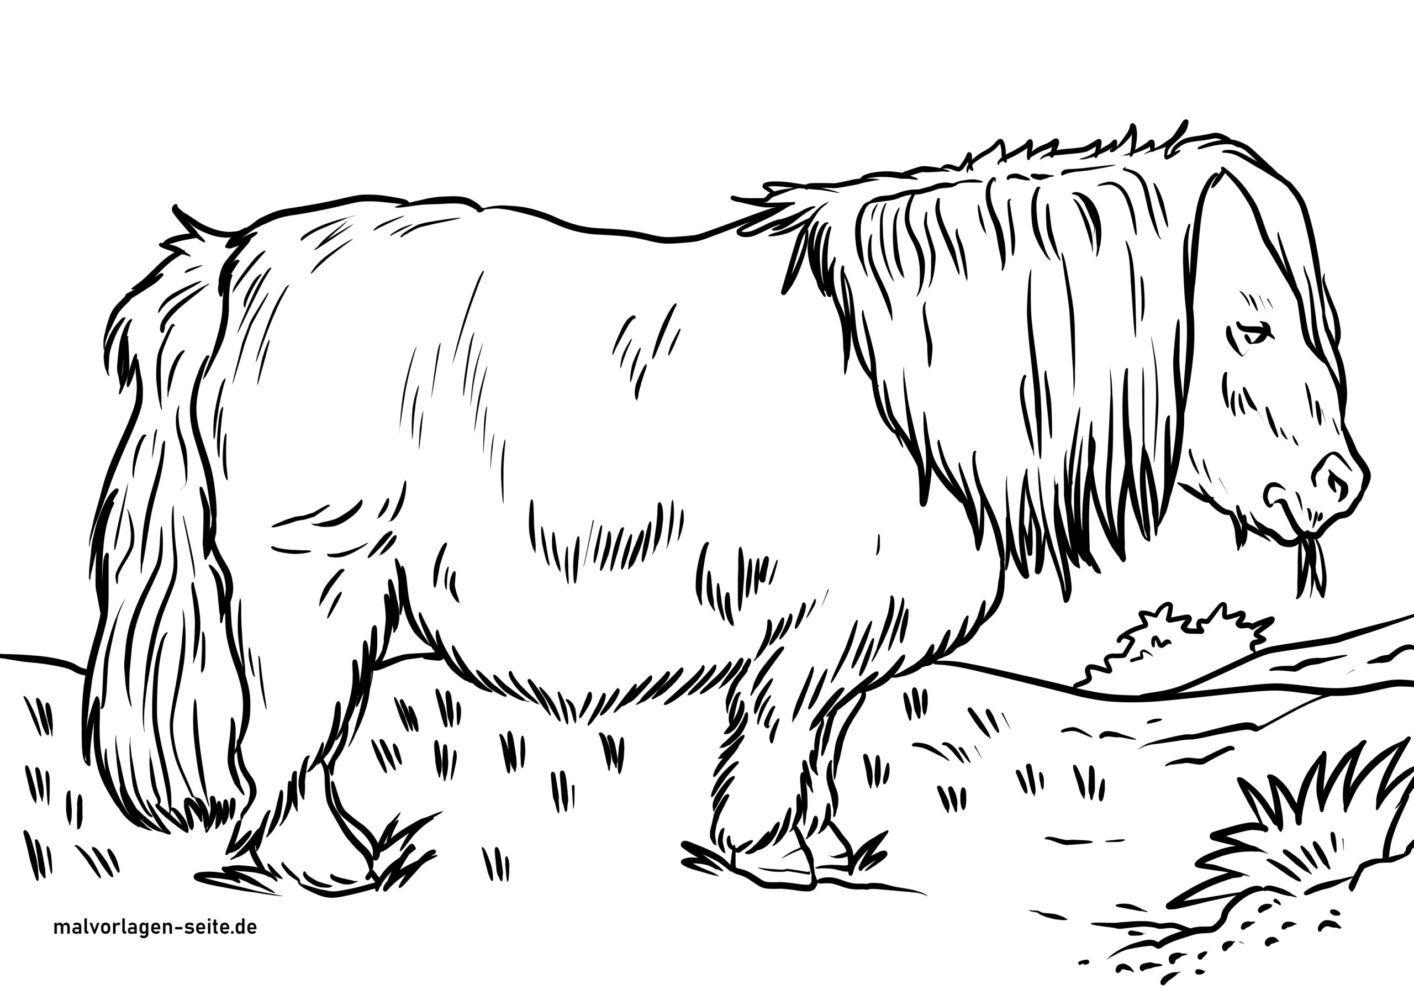 Tolle Malvorlage Shetlandpony - Tiere Reiten - Kostenlose Ausmalbilder